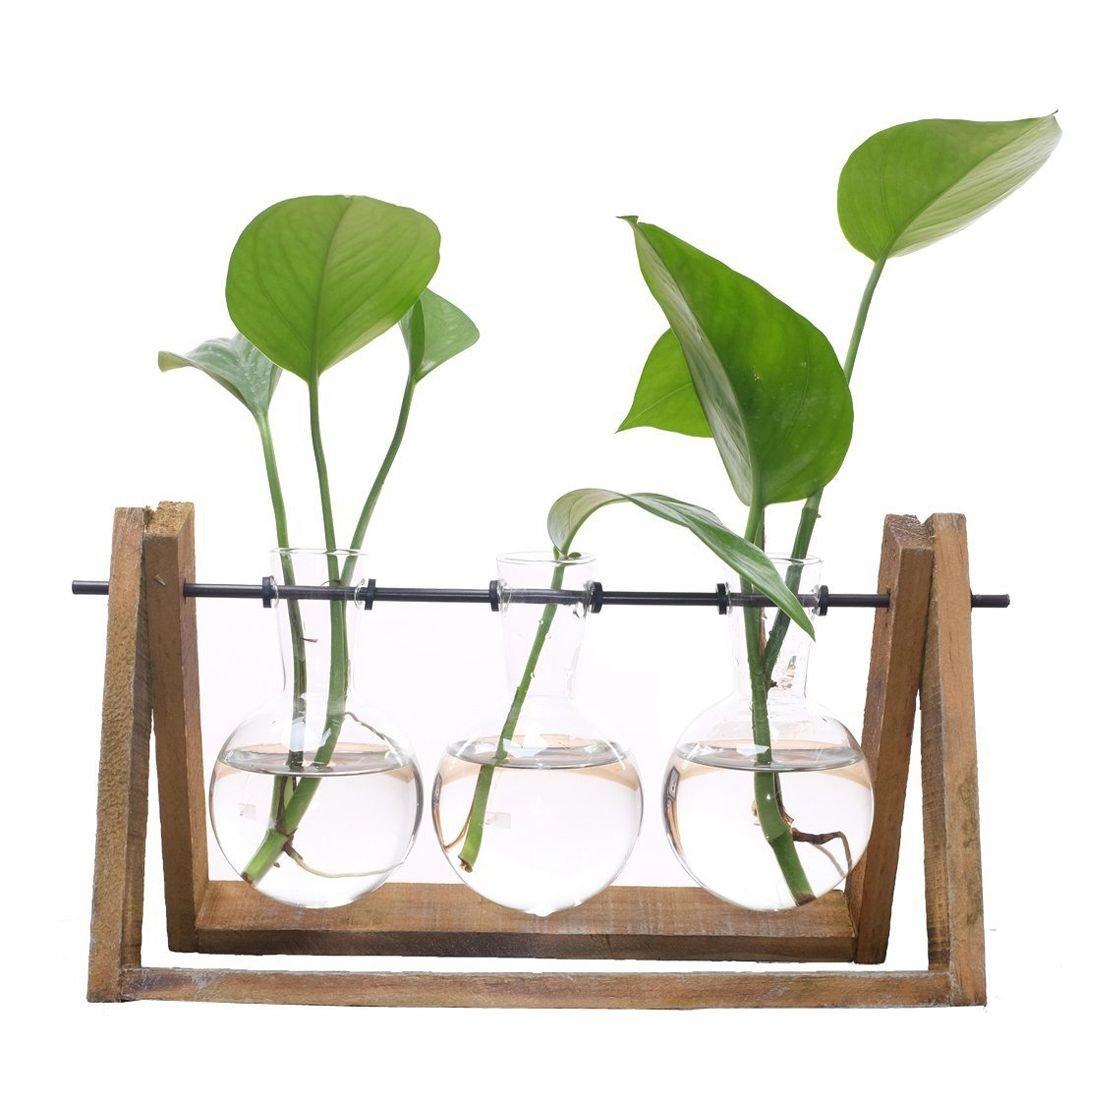 SODIAL Terrario vegetale con supporto per vaso di vetro in legno per decorazione domestica, contenitore Scindapsus (3 terrari)